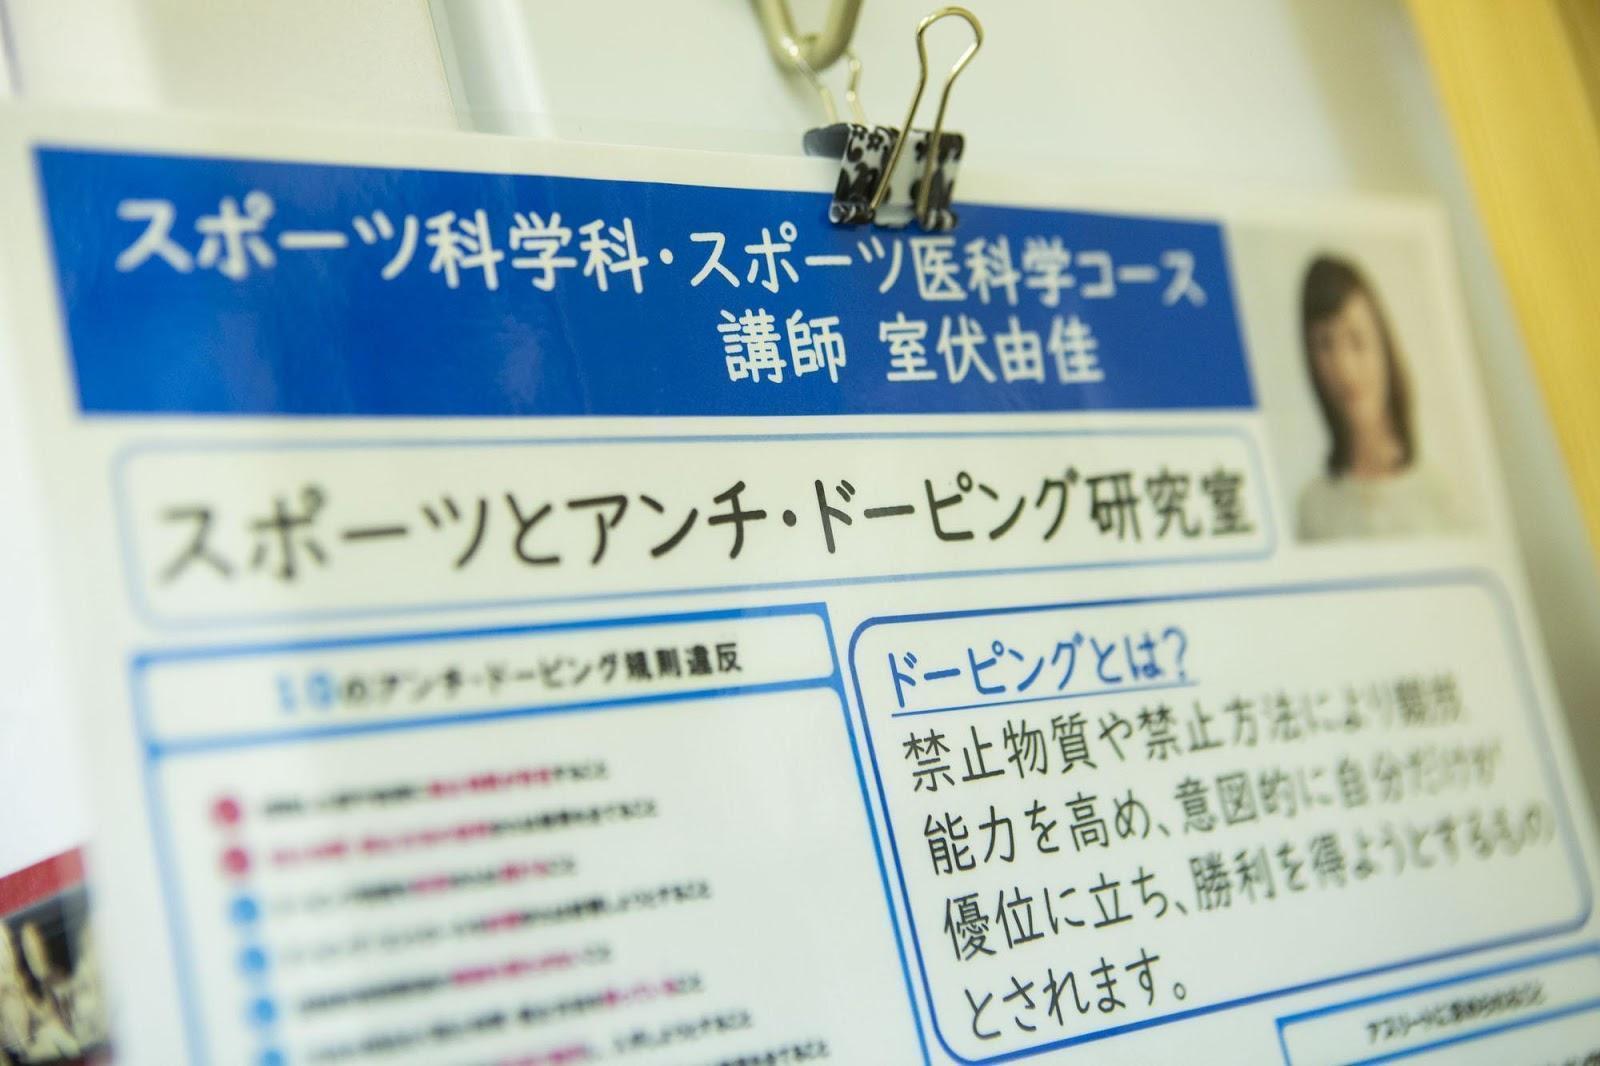 スポーツとアンチ・ドーピング研究室講師室伏由佳さん